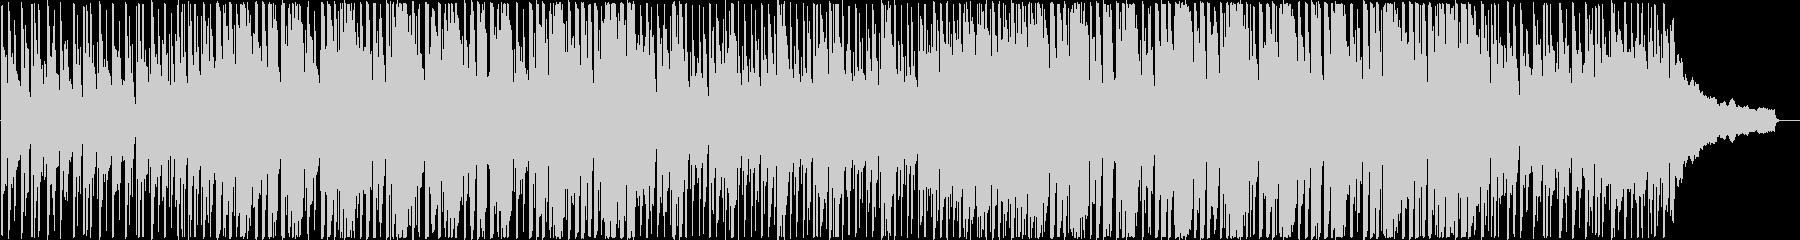 口笛メロディのアップビートポップBGM♪の未再生の波形